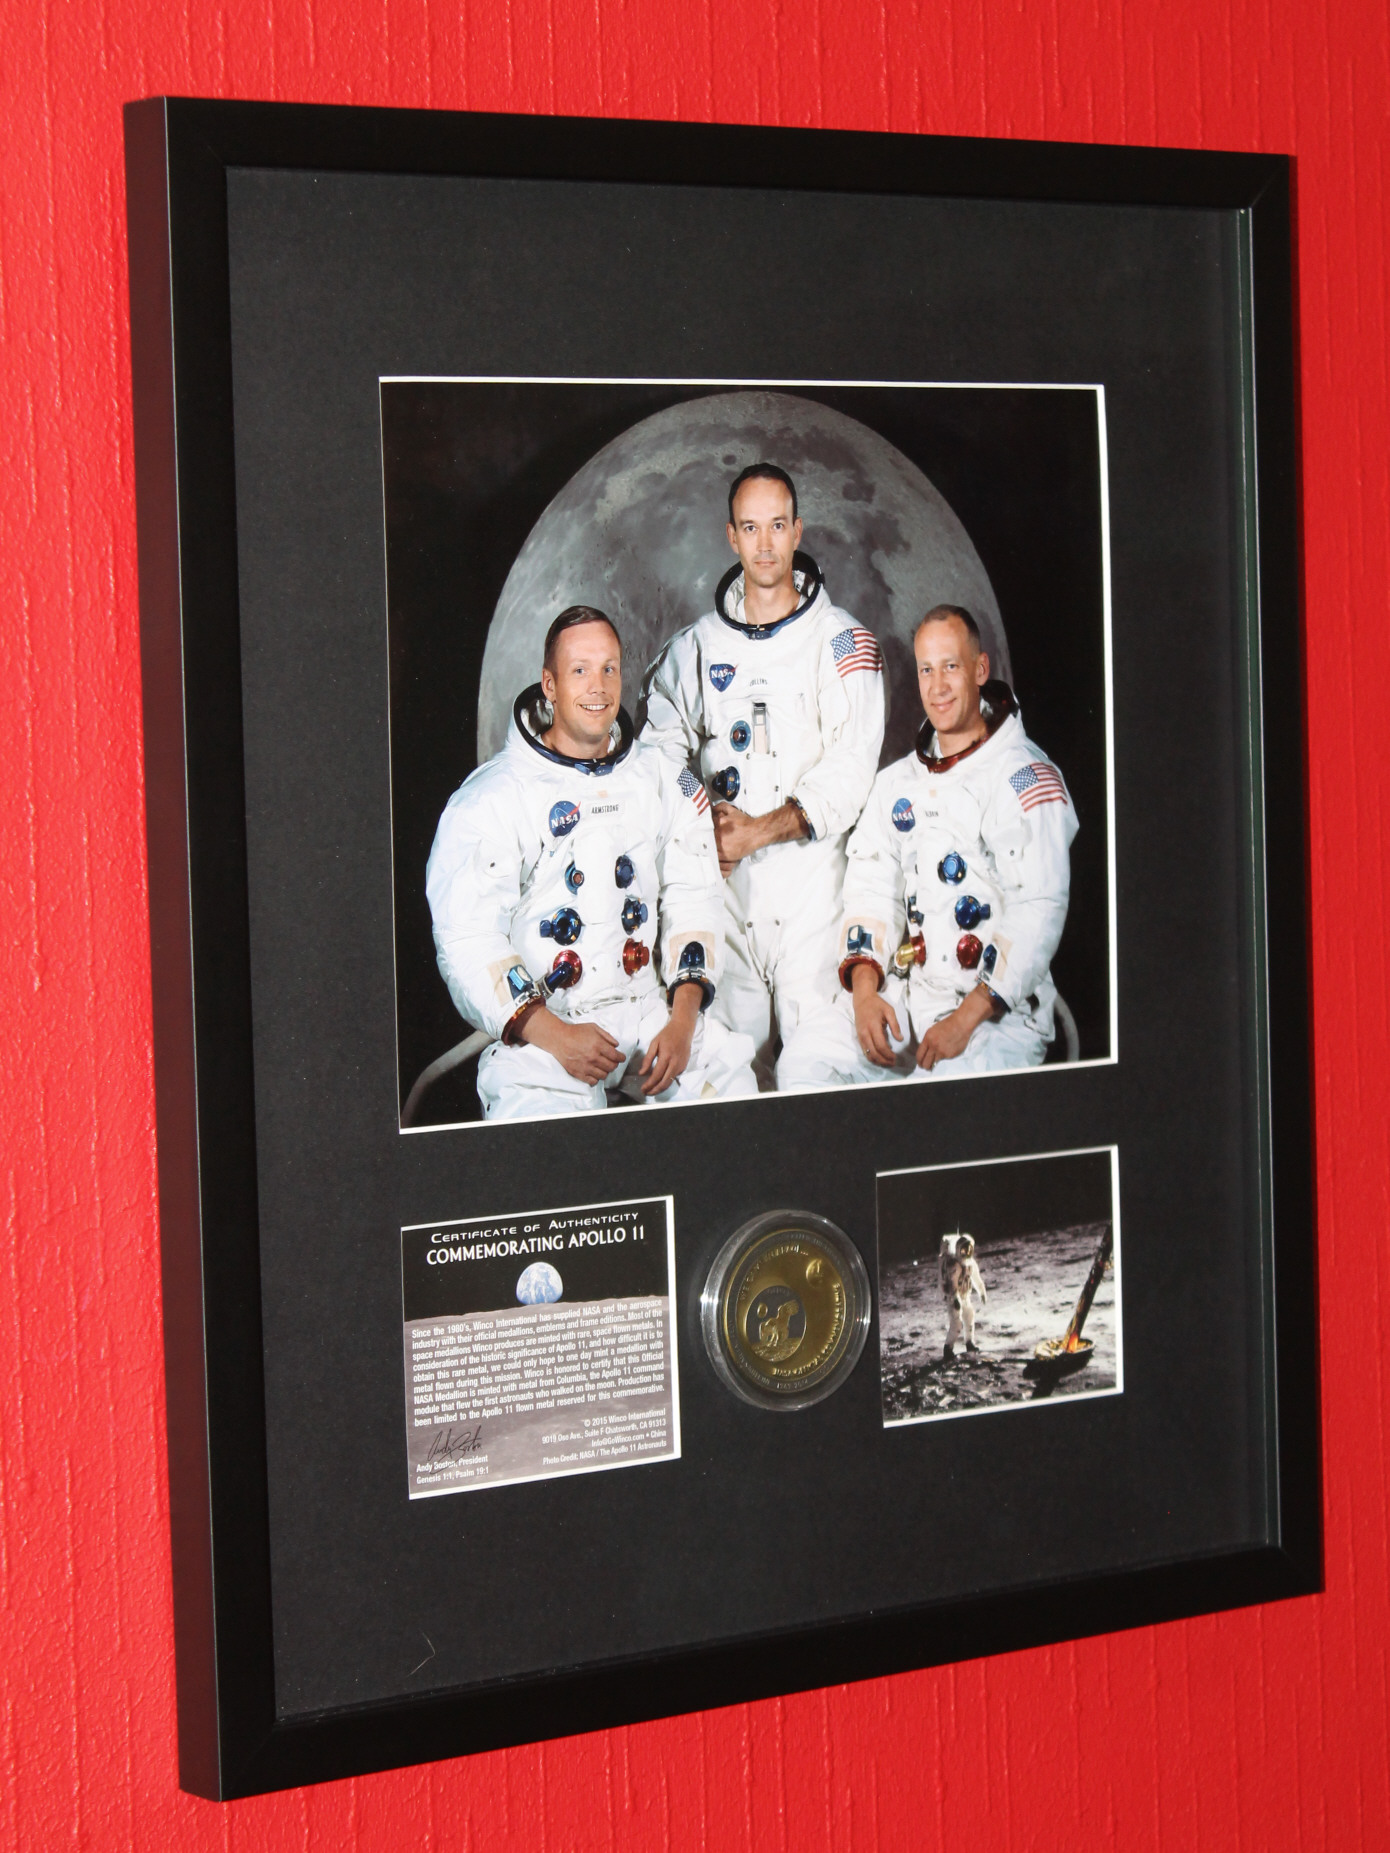 Apollo 11 photo